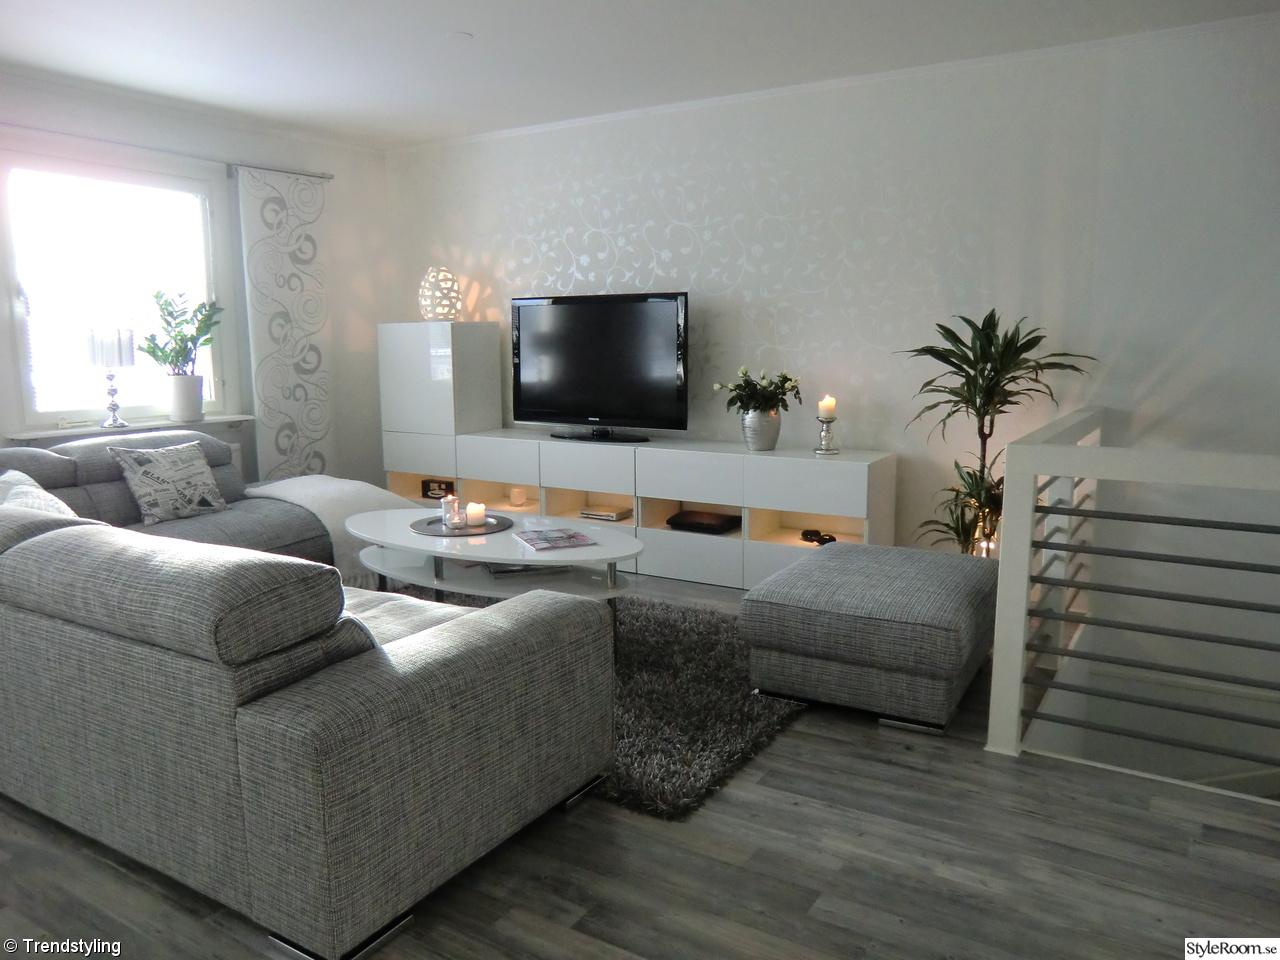 Vardagsrum Och Vår Nya Soffa Ett Inredningsalbum På Styleroom Av Trendstyling